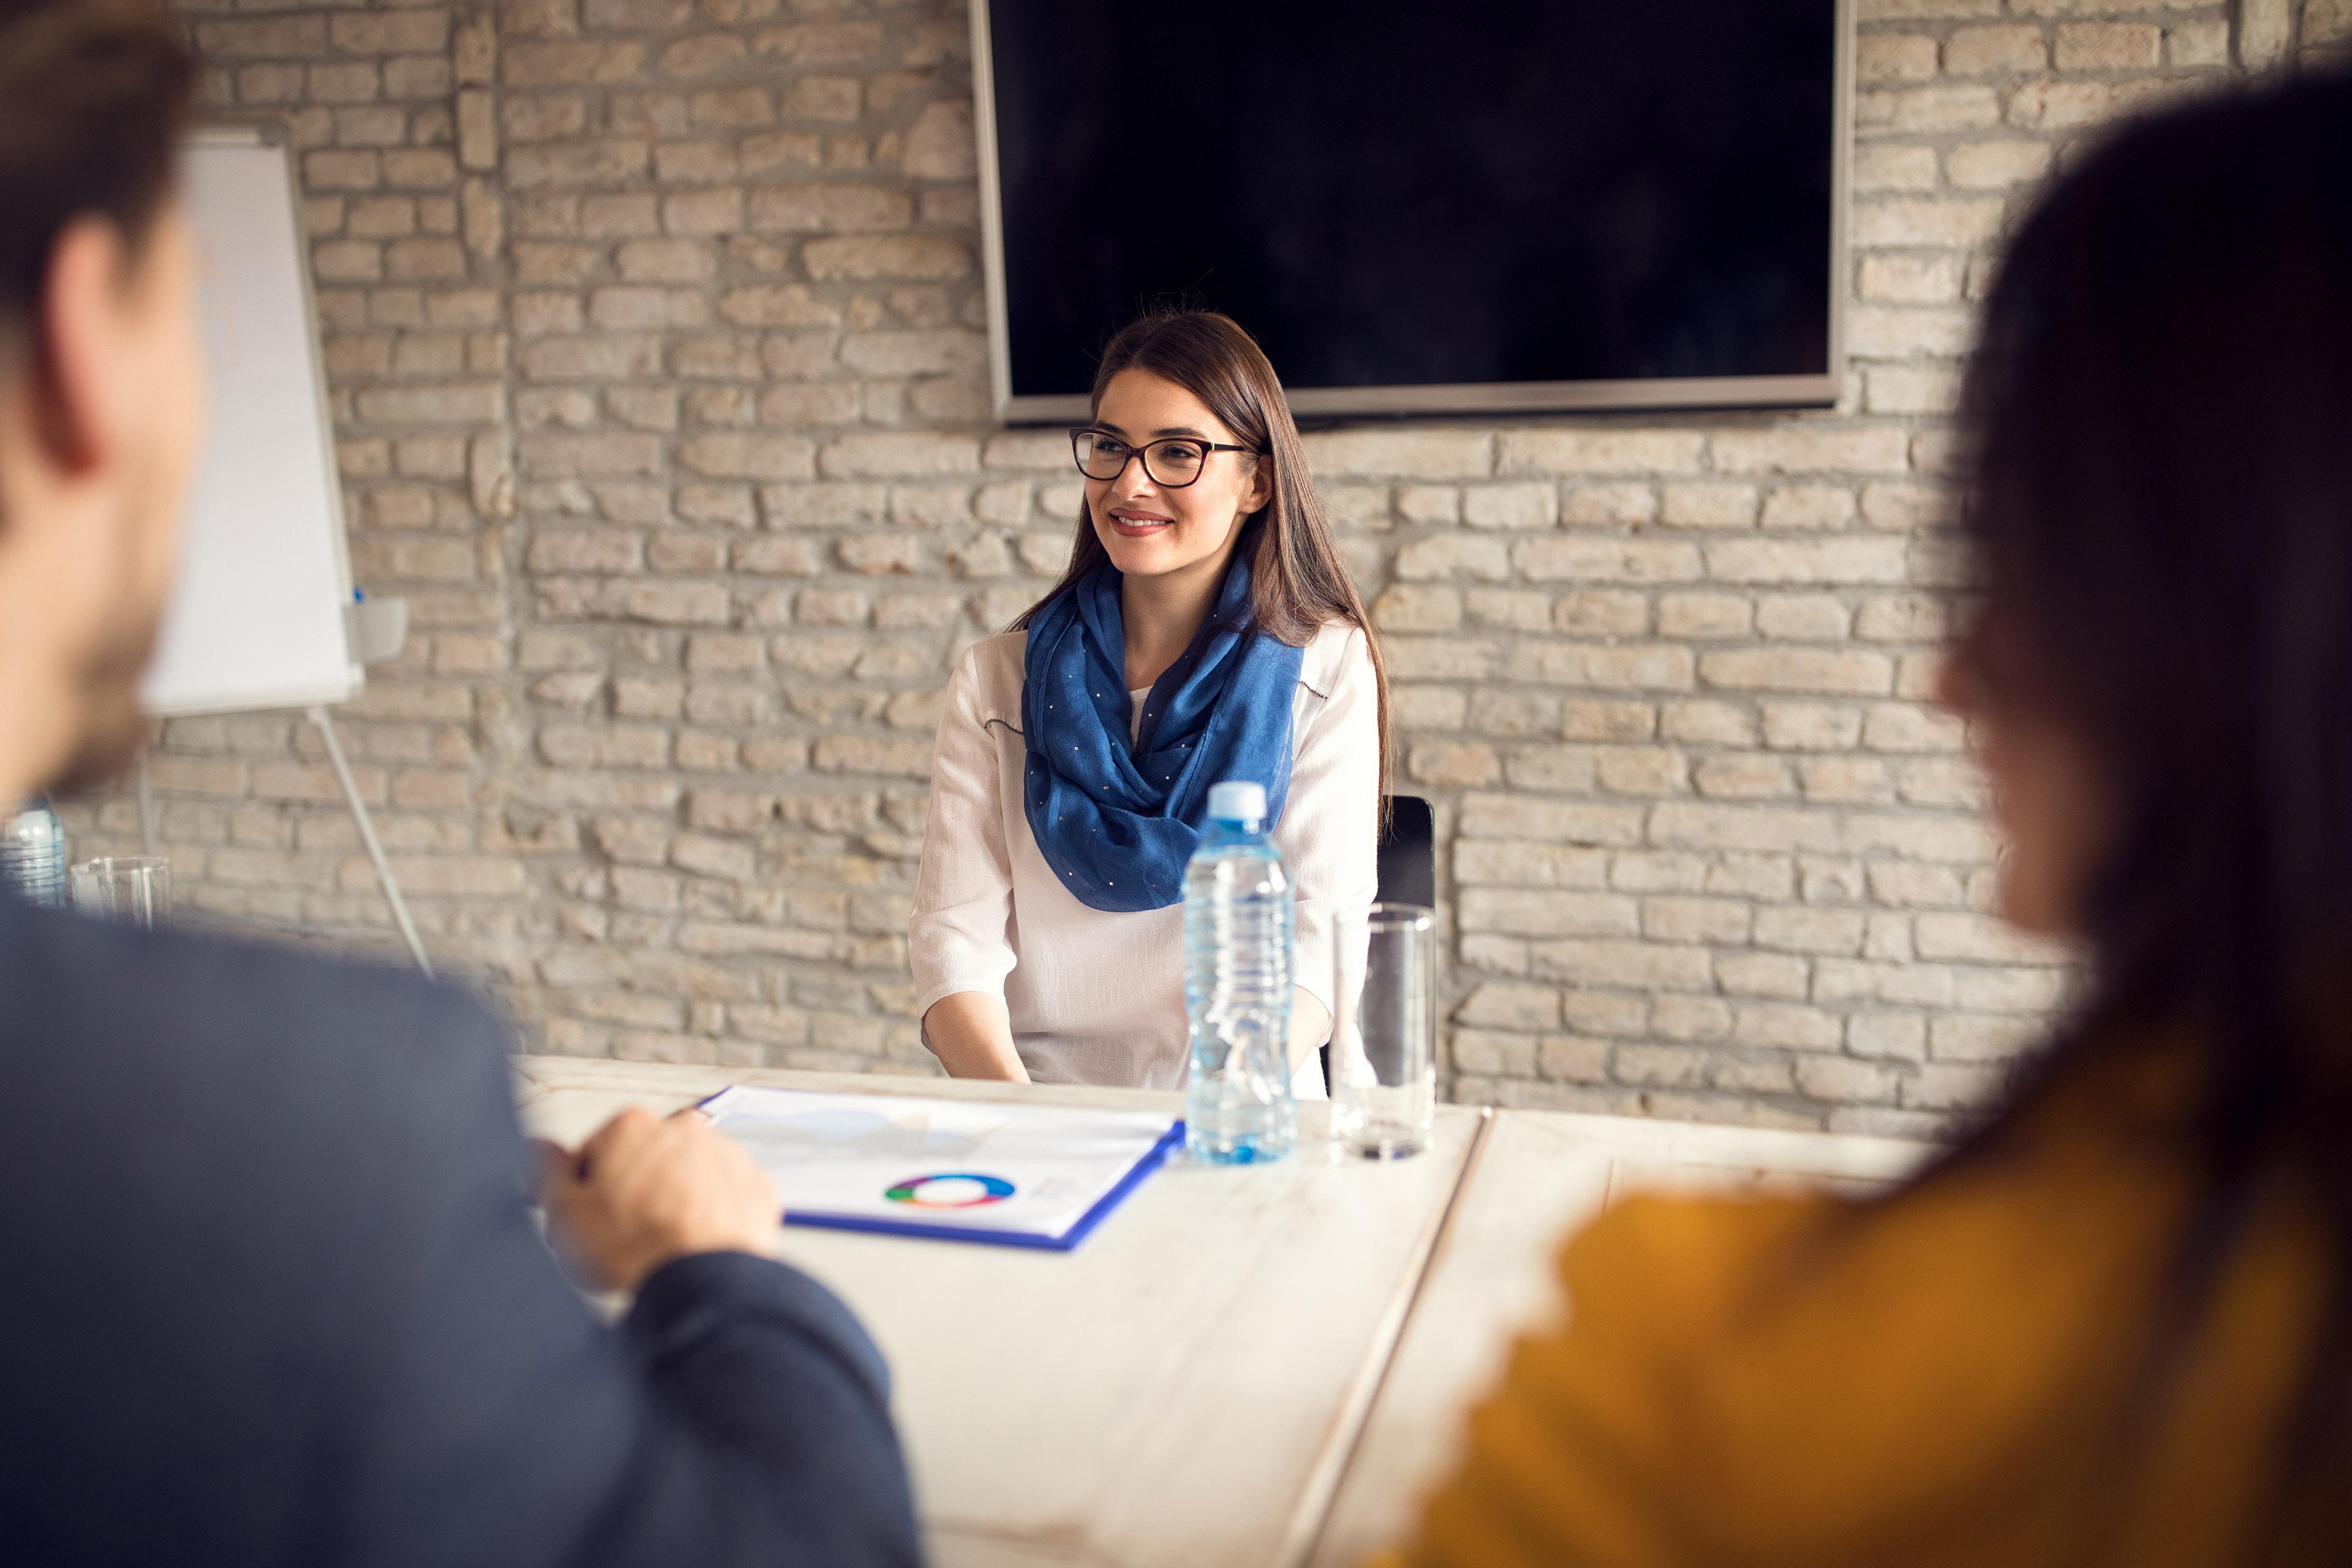 Опытные профессионалы за обсуждением рабочих вопросов